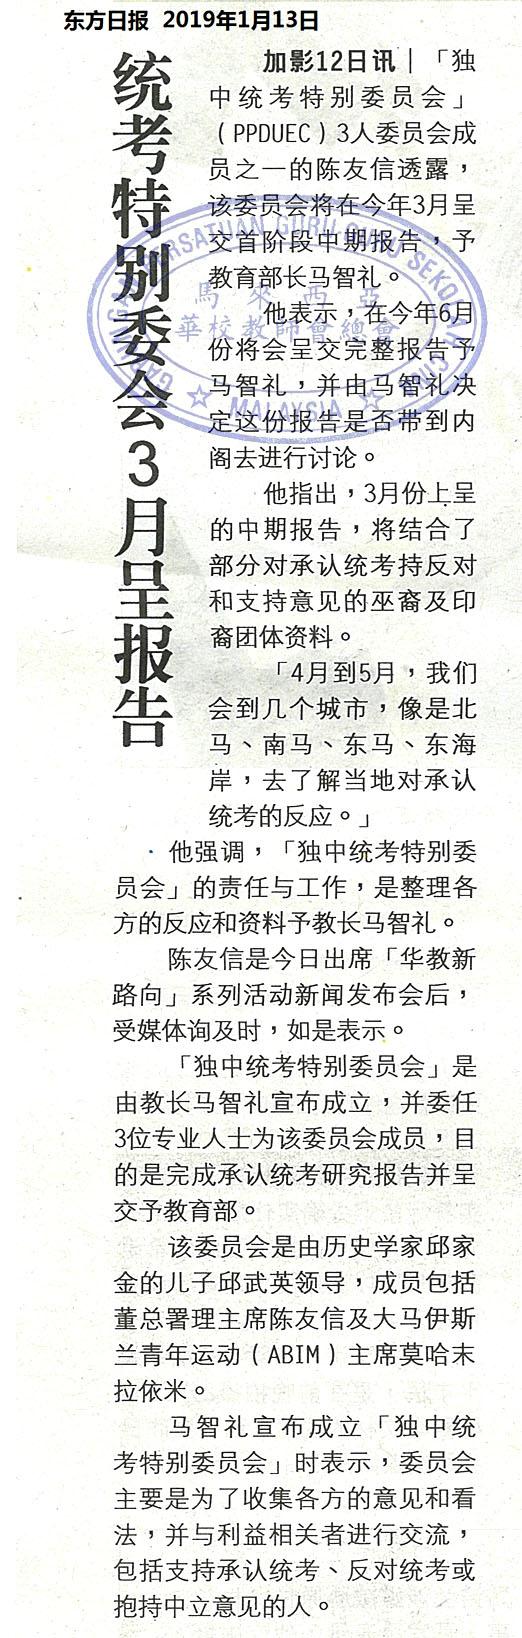 统考特别委会3月呈报告